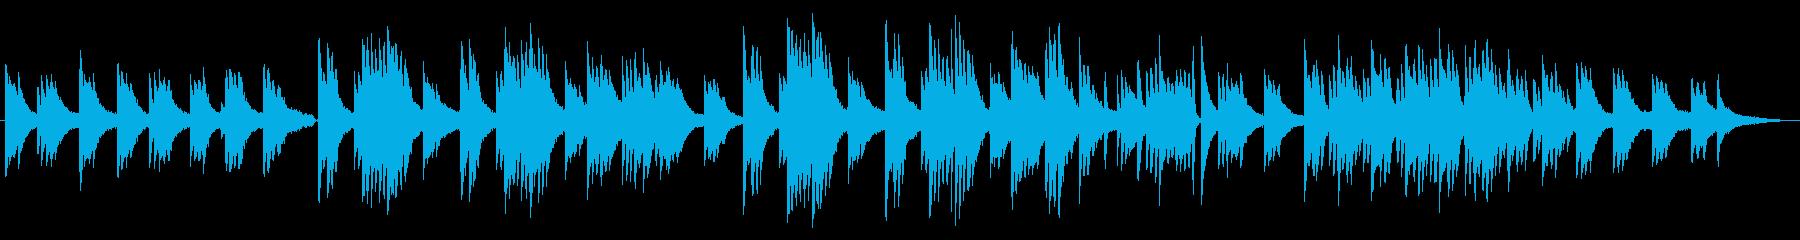 東洋的で浮遊感あるピアノソロ/家族/保険の再生済みの波形